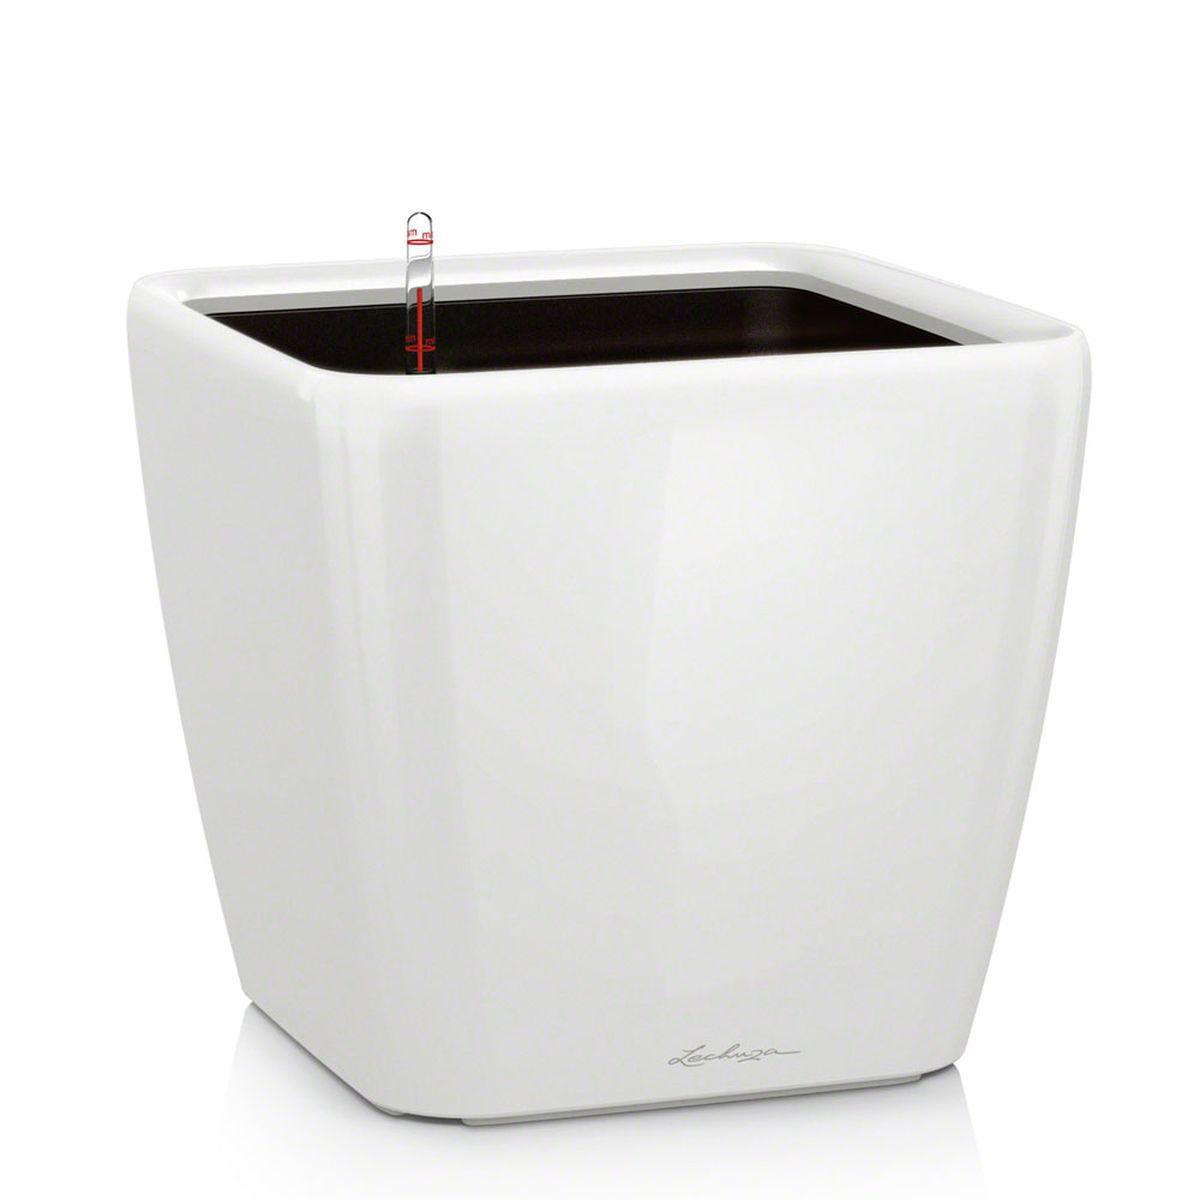 Кашпо Lechuza Quadro, с системой автополива, цвет: белый, 28 х 28 х 26 смSS 4041Кашпо Lechuza Quadro, выполненное из высококачественного пластика, имеет уникальную систему автополива, благодаря которой корневая система растения непрерывно снабжается влагой из резервуара. Уровень воды в резервуаре контролируется с помощью специального индикатора. В зависимости от размера кашпо и растения воды хватает на 2-12 недель. Это способствует хорошему росту цветов и предотвращает переувлажнение.В набор входит: кашпо, внутренний горшок с выдвижной эргономичной ручкой, индикатор уровня воды, вал подачи воды, субстрат растений в качестве дренажного слоя, резервуар для воды.Кашпо Lechuza Quadro прекрасно впишется в любой интерьер. Оно поможет расставить нужные акценты, а также придаст помещению вид, соответствующий вашим представлениям.